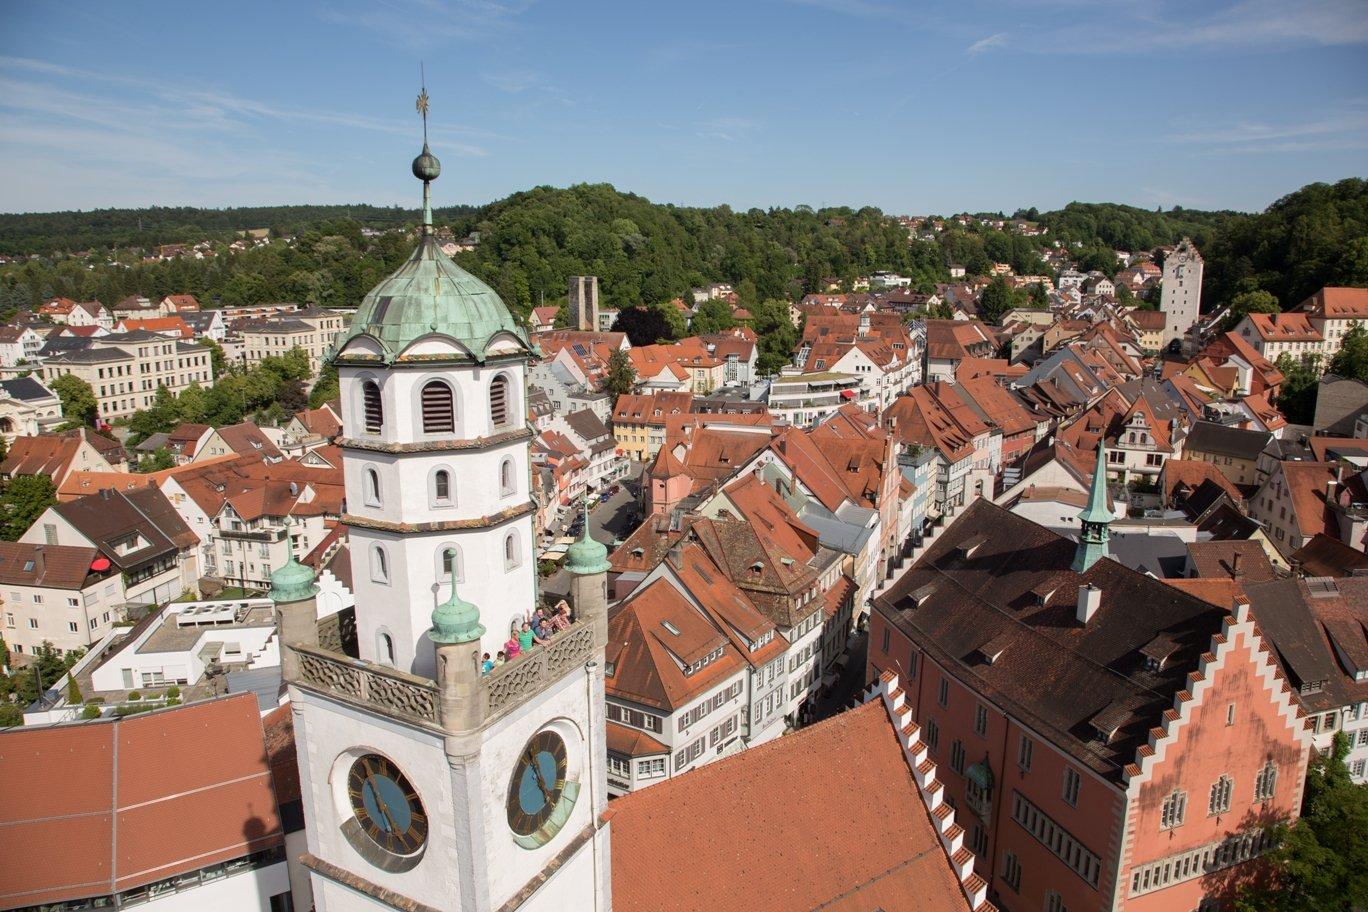 Der Blaserturm und die historische Stadt Ravensburg im Hintergrund.